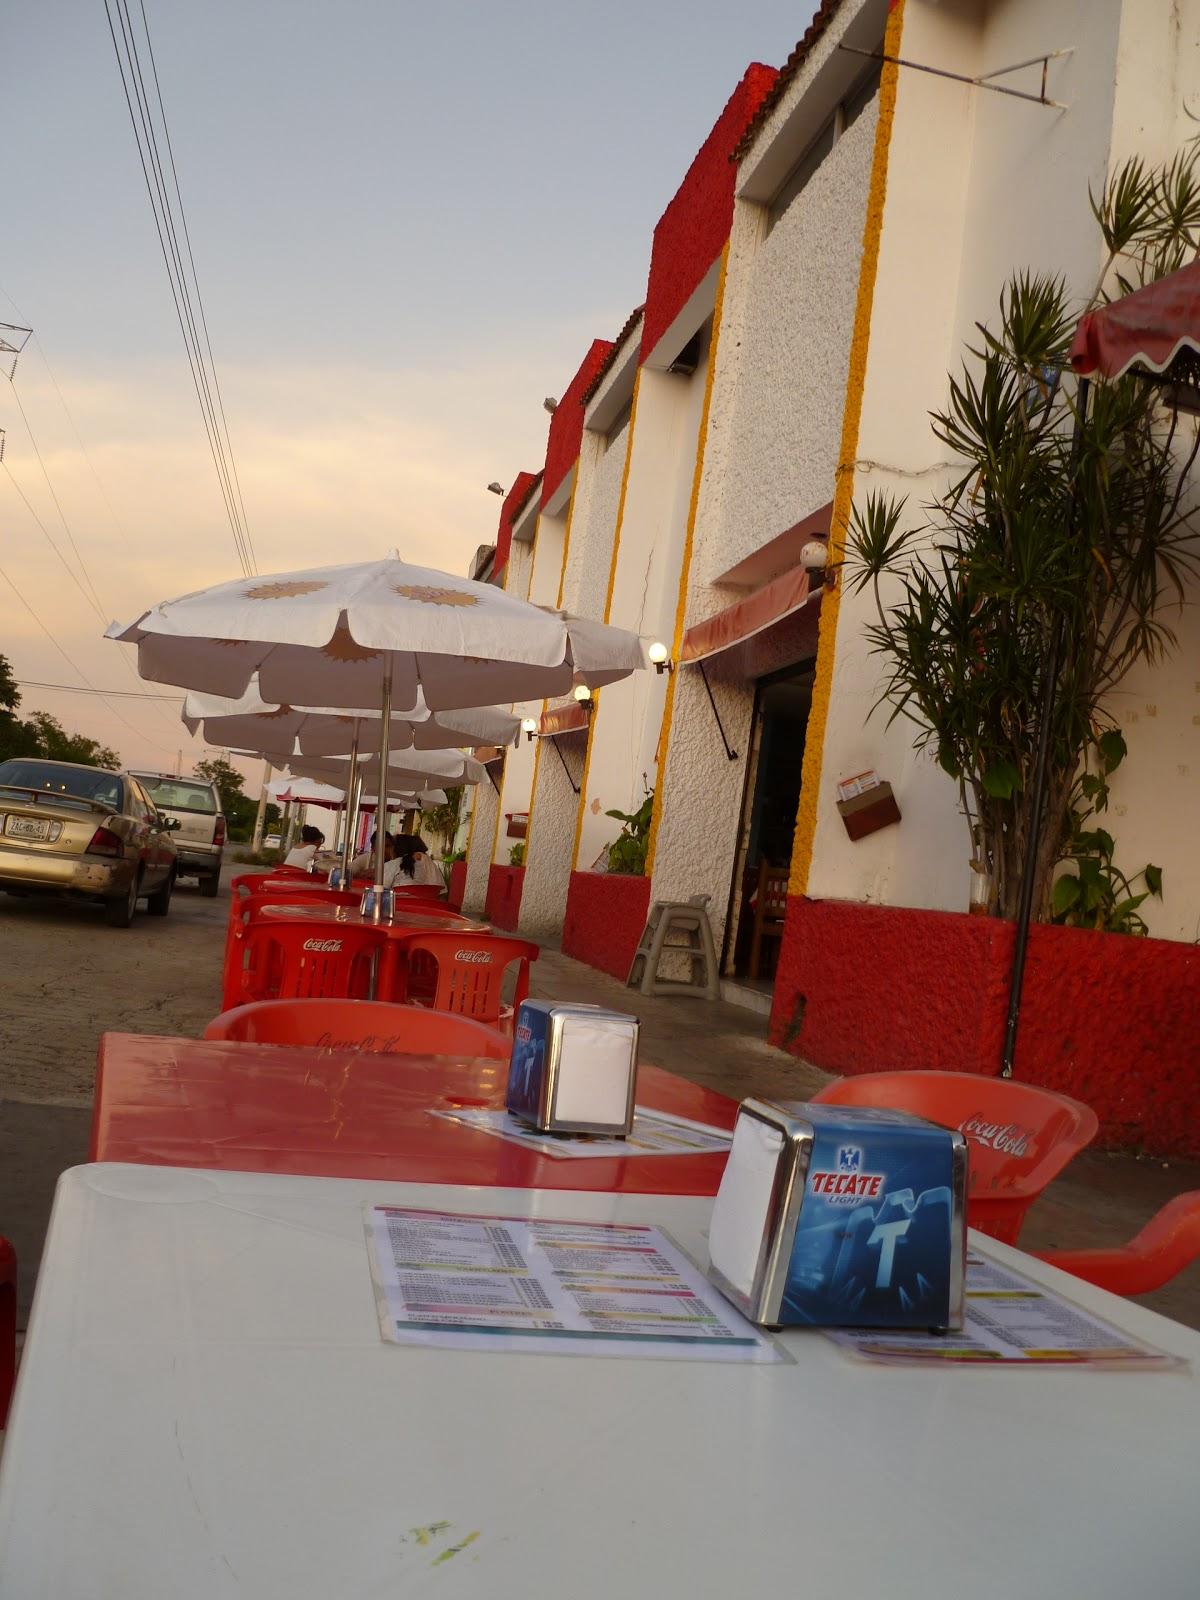 Debi in Mérida: Restaurant Review - el taco arabe - guilos